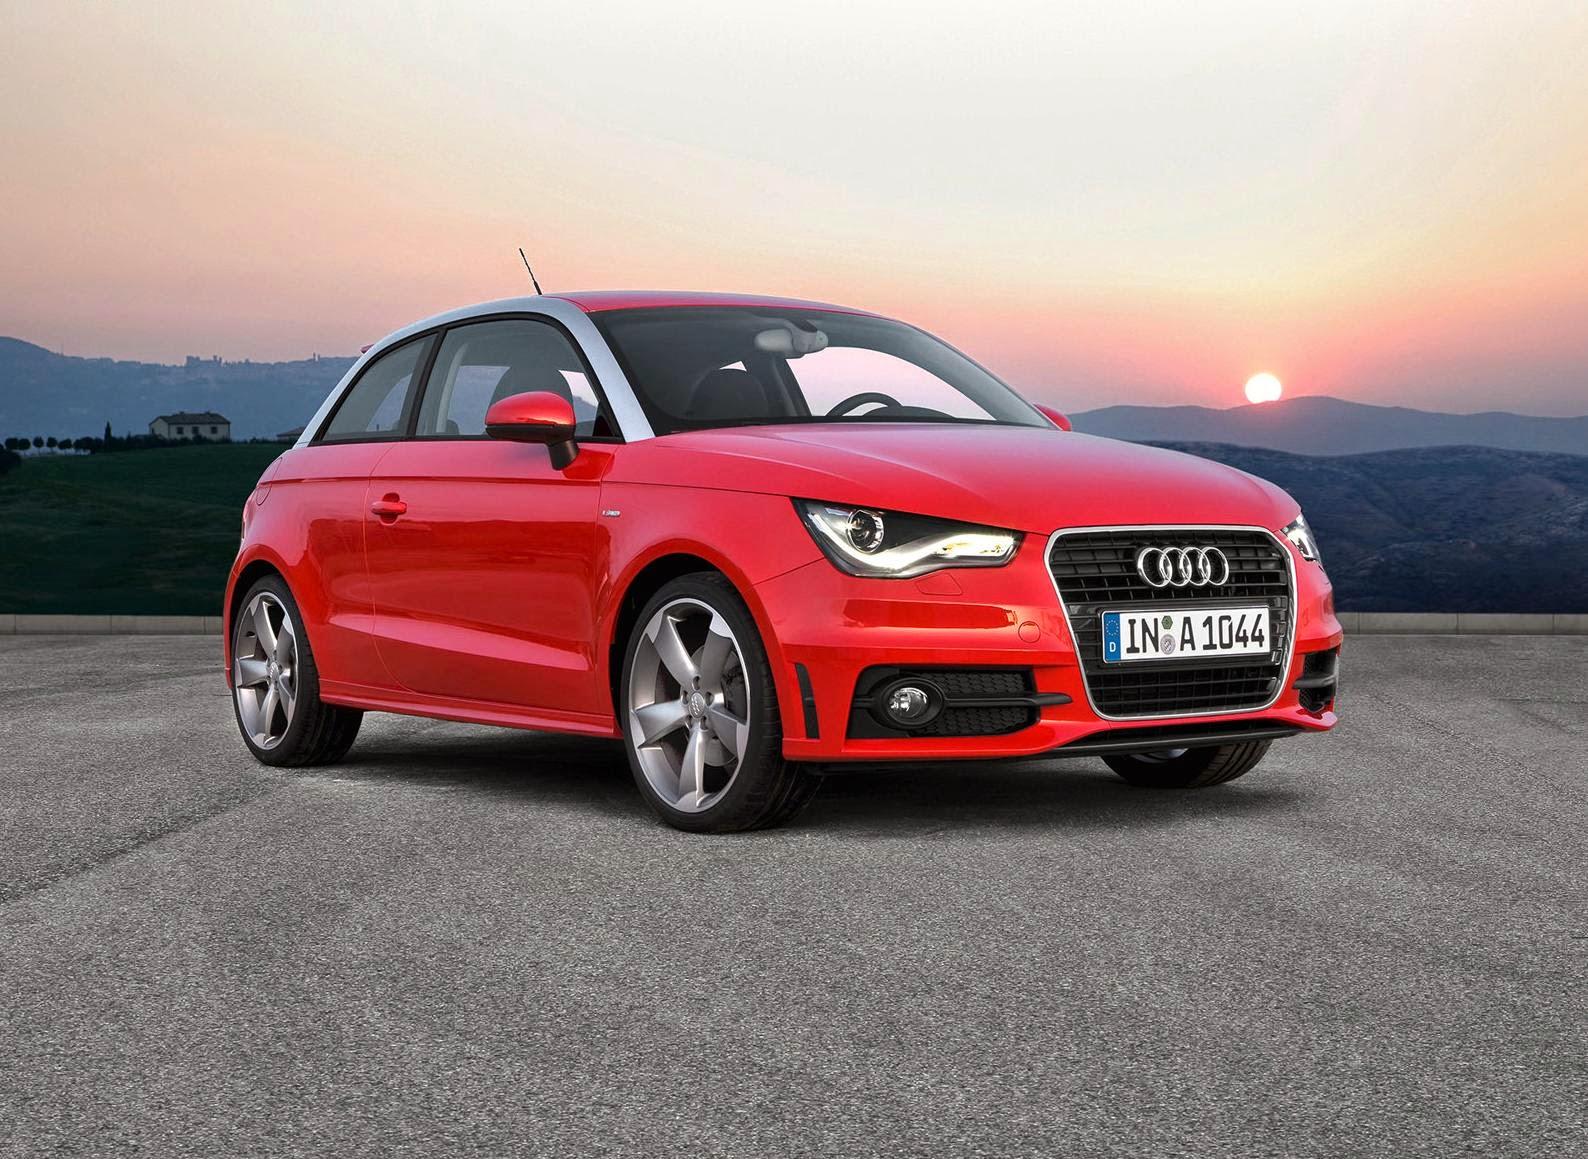 Audi A1 2011 Wallpaper